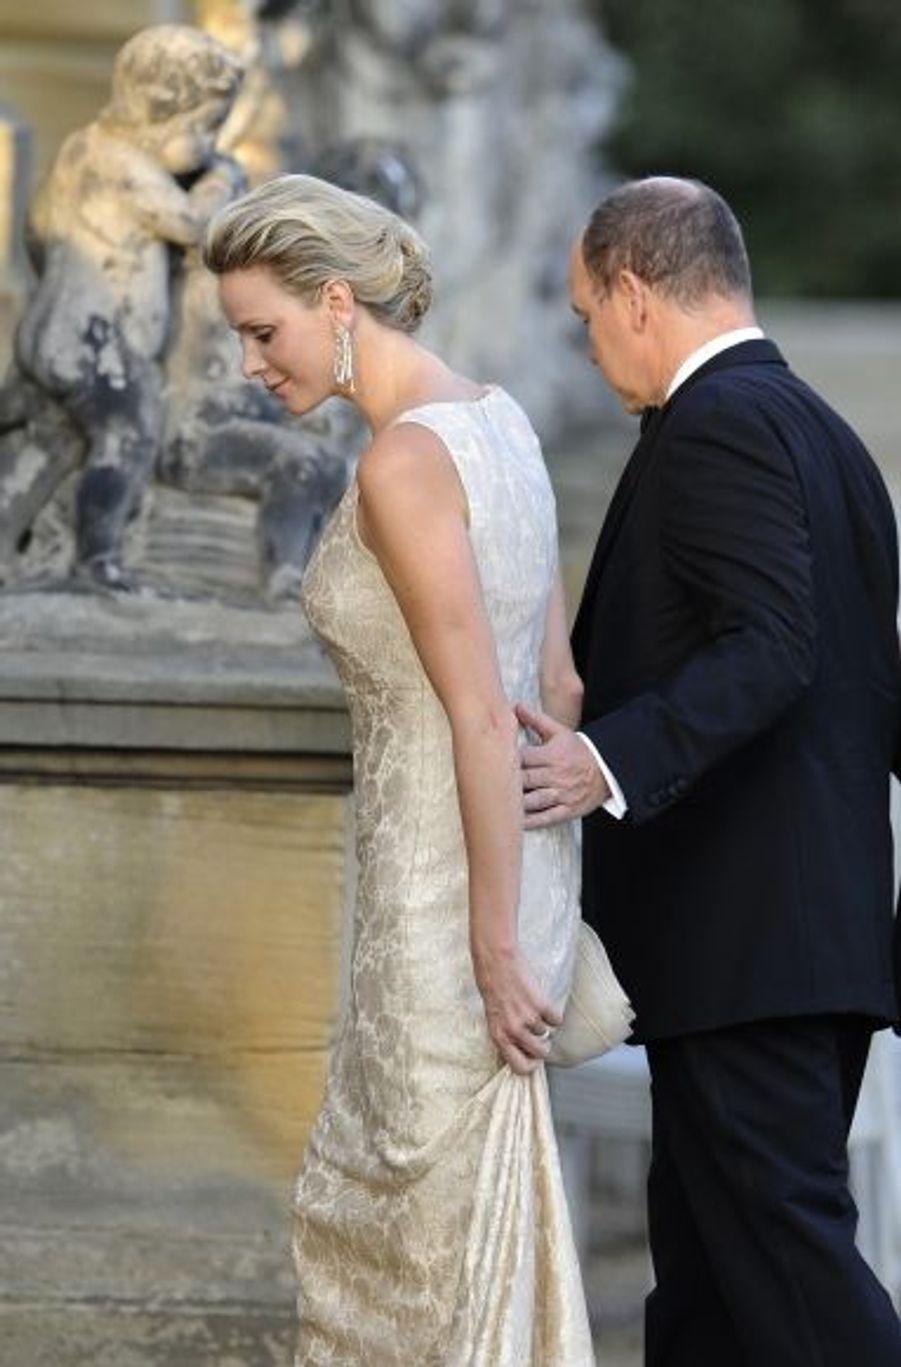 Le prince Albert II de Monaco portait son alliance, faisant taire les rumeurs.